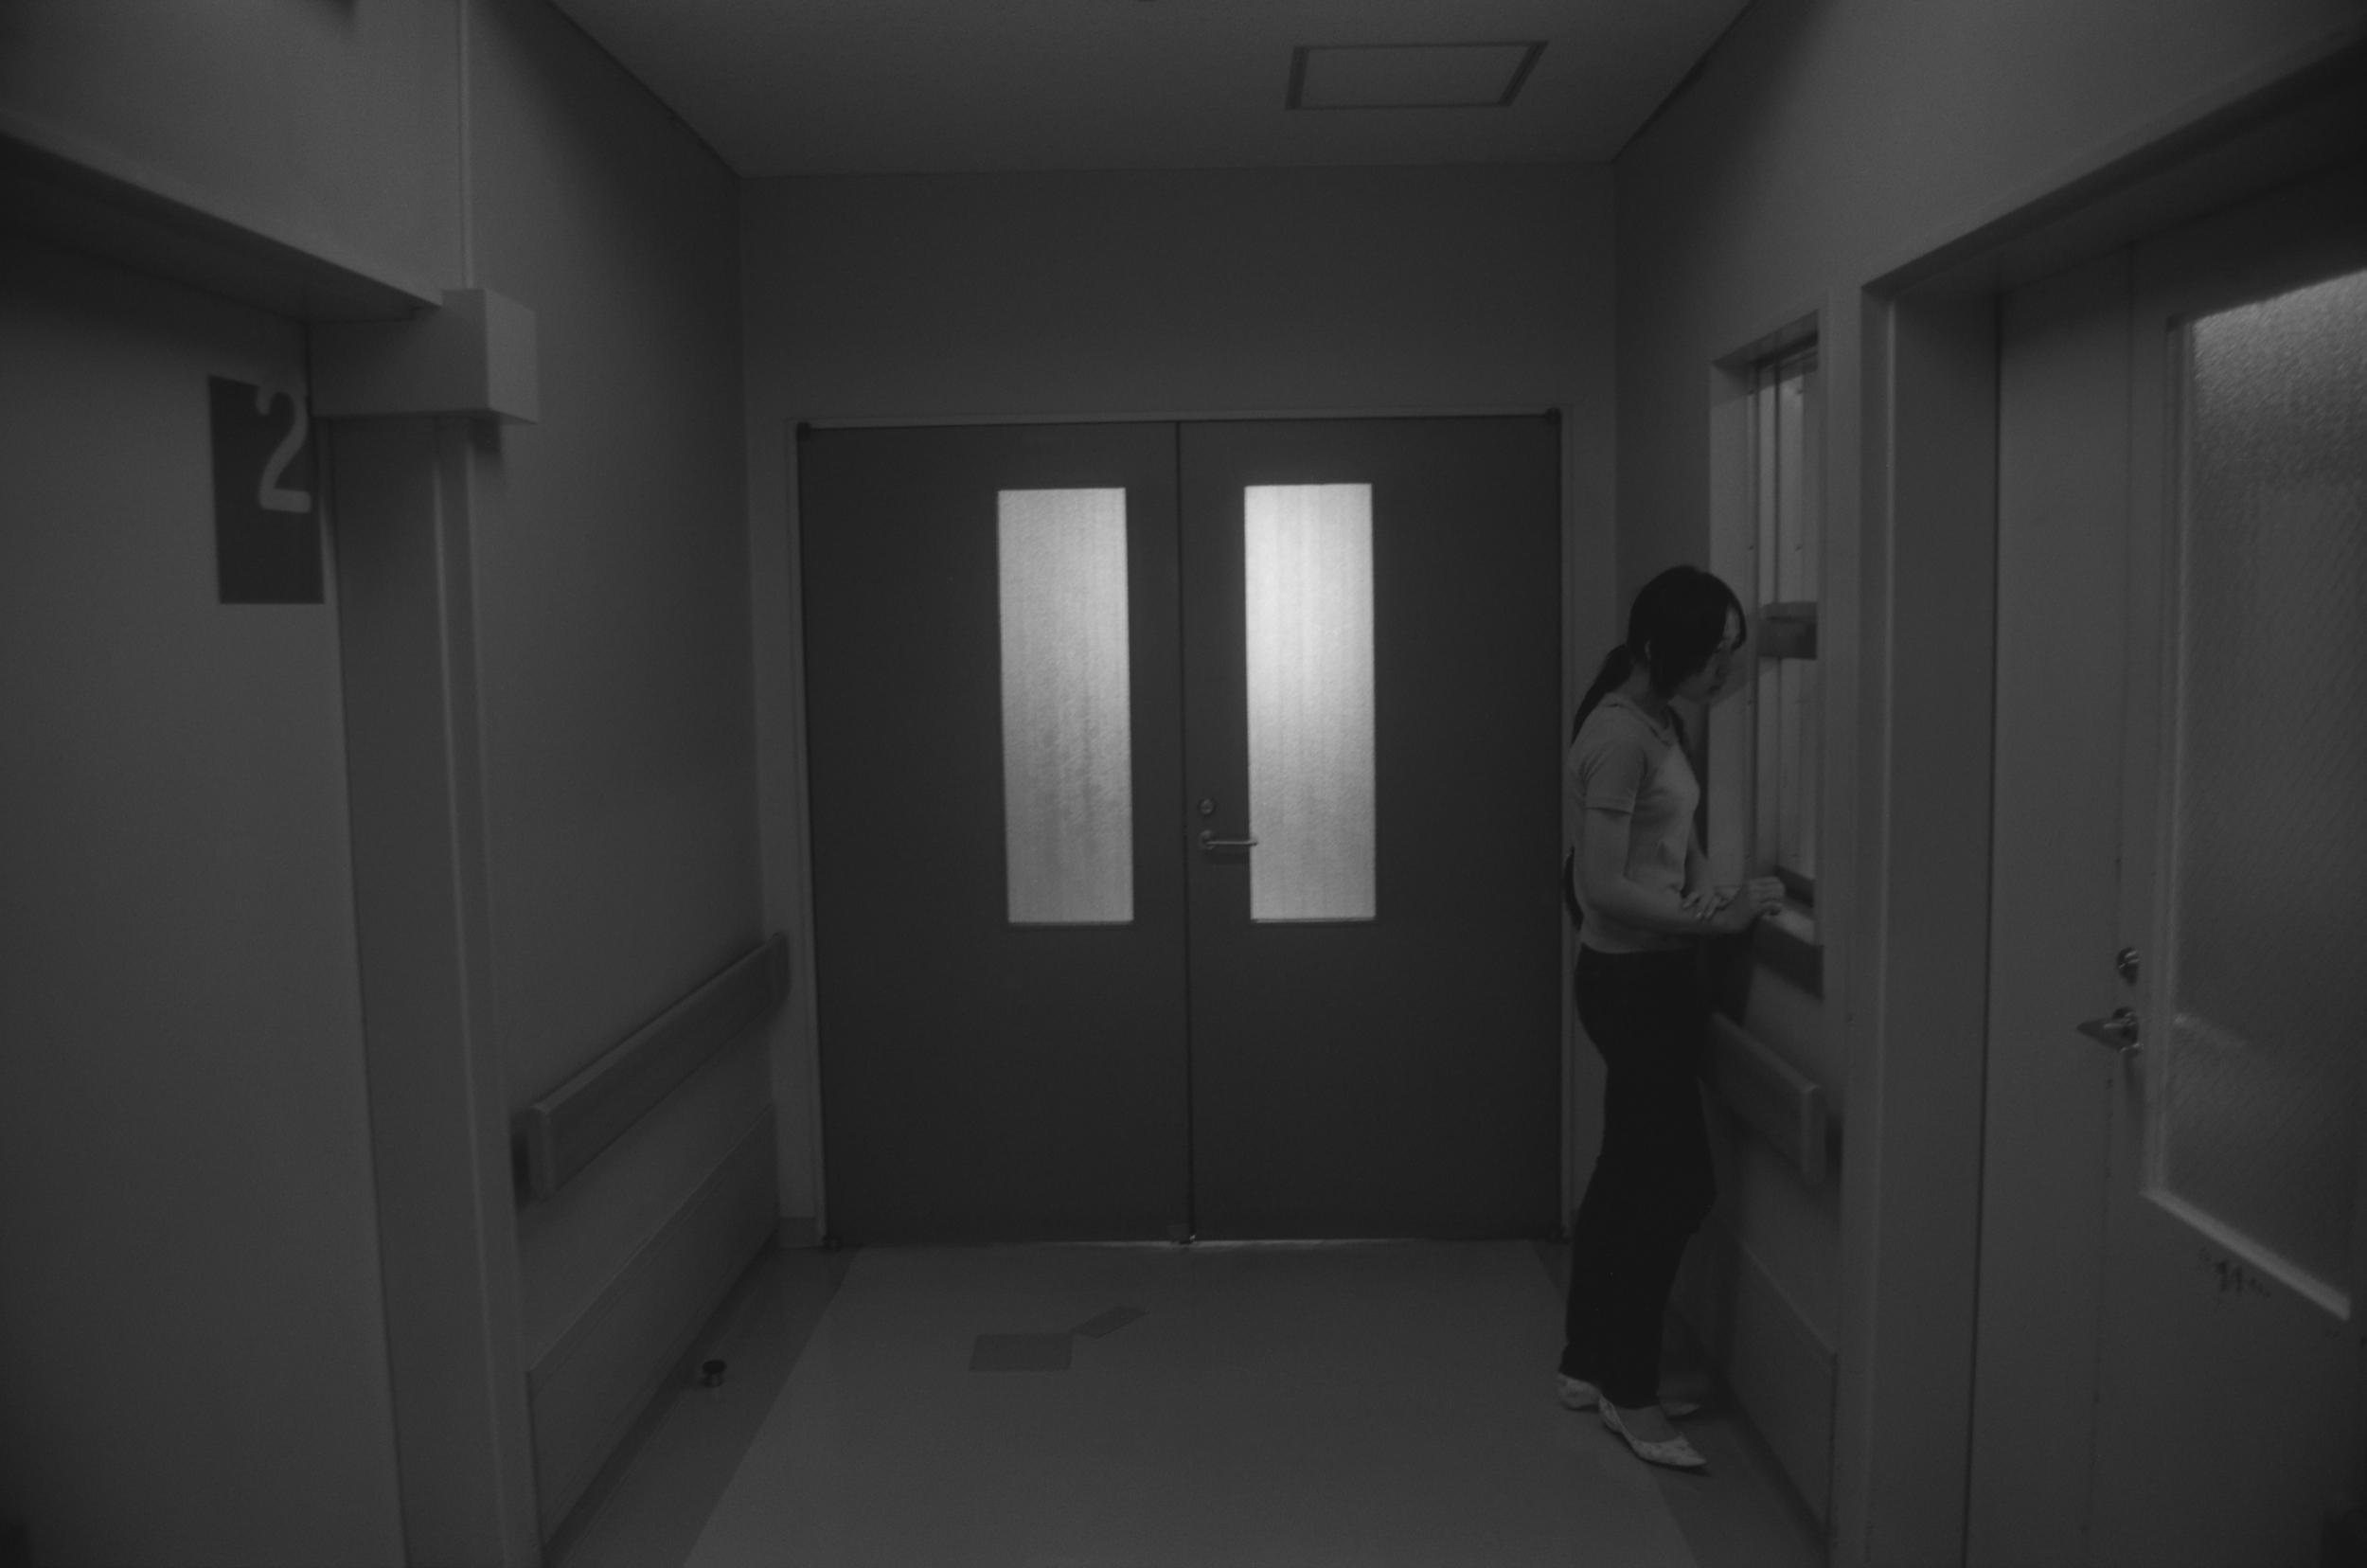 窓-sou- #07